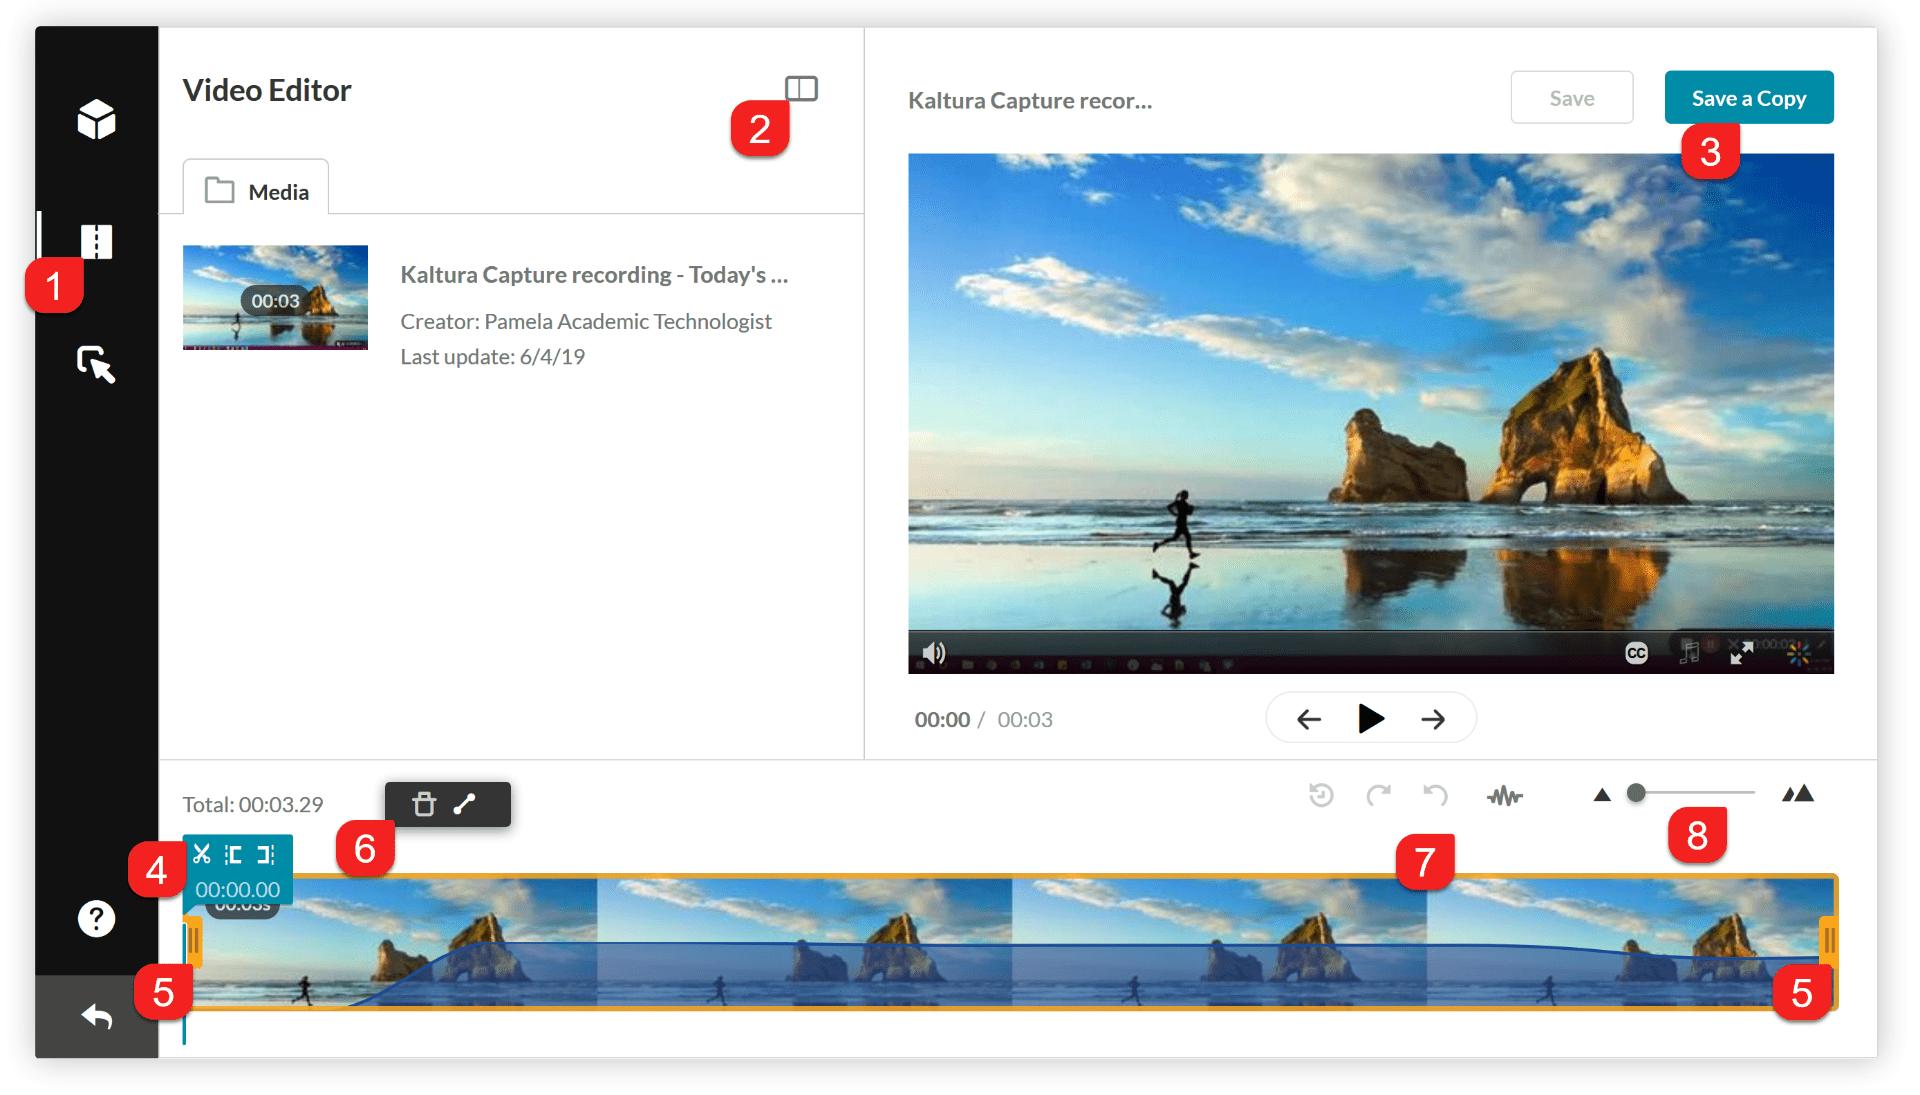 kaltura-editor-interface